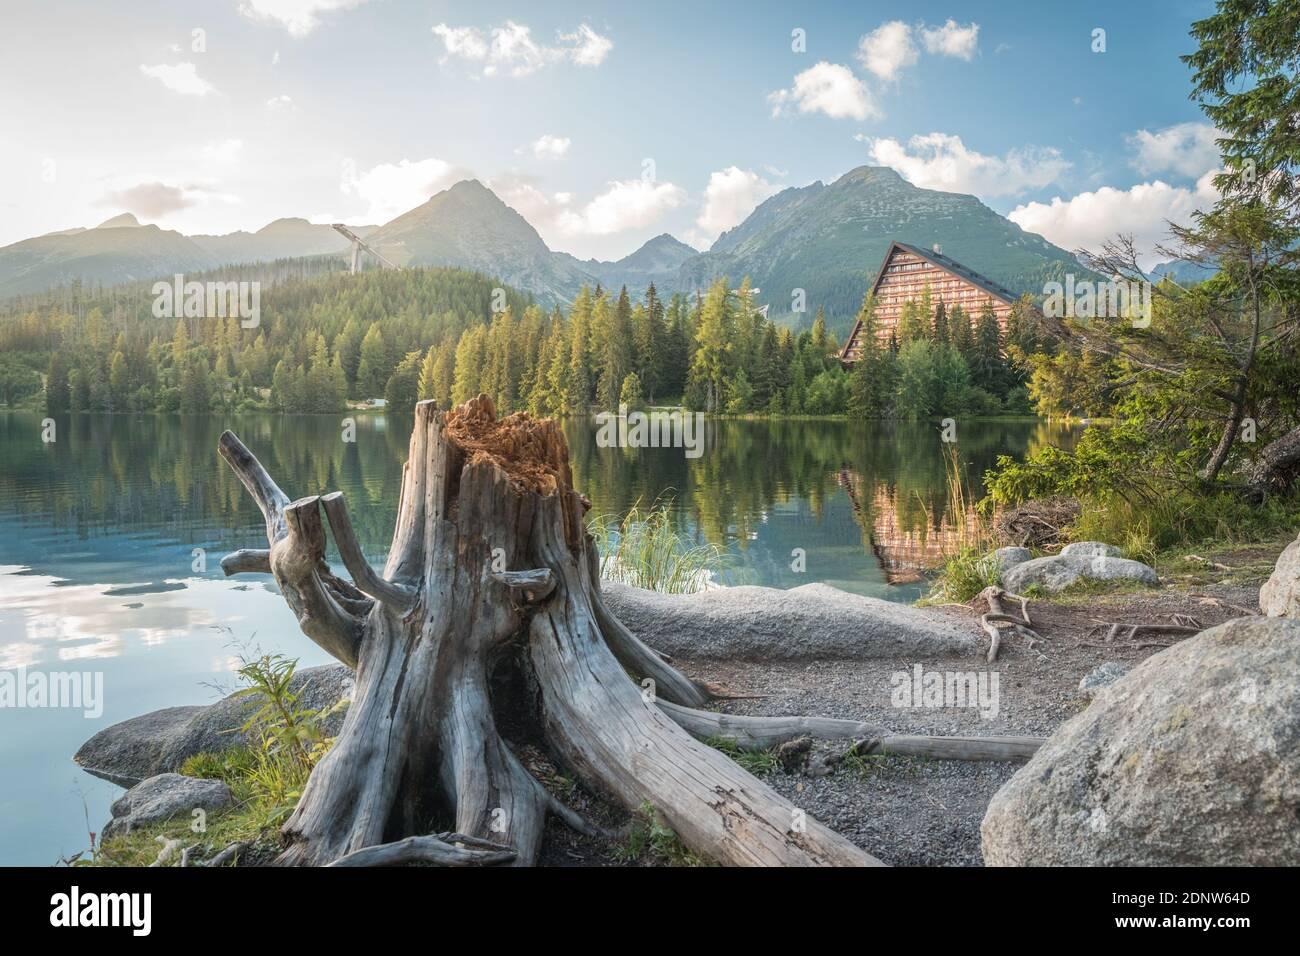 Lac de montagne Strbske Pleso avec une grande souche en premier plan dans le parc national de High Tatras. Slovaquie, Europe. Soirée en fin d'été au bord du lac. Banque D'Images